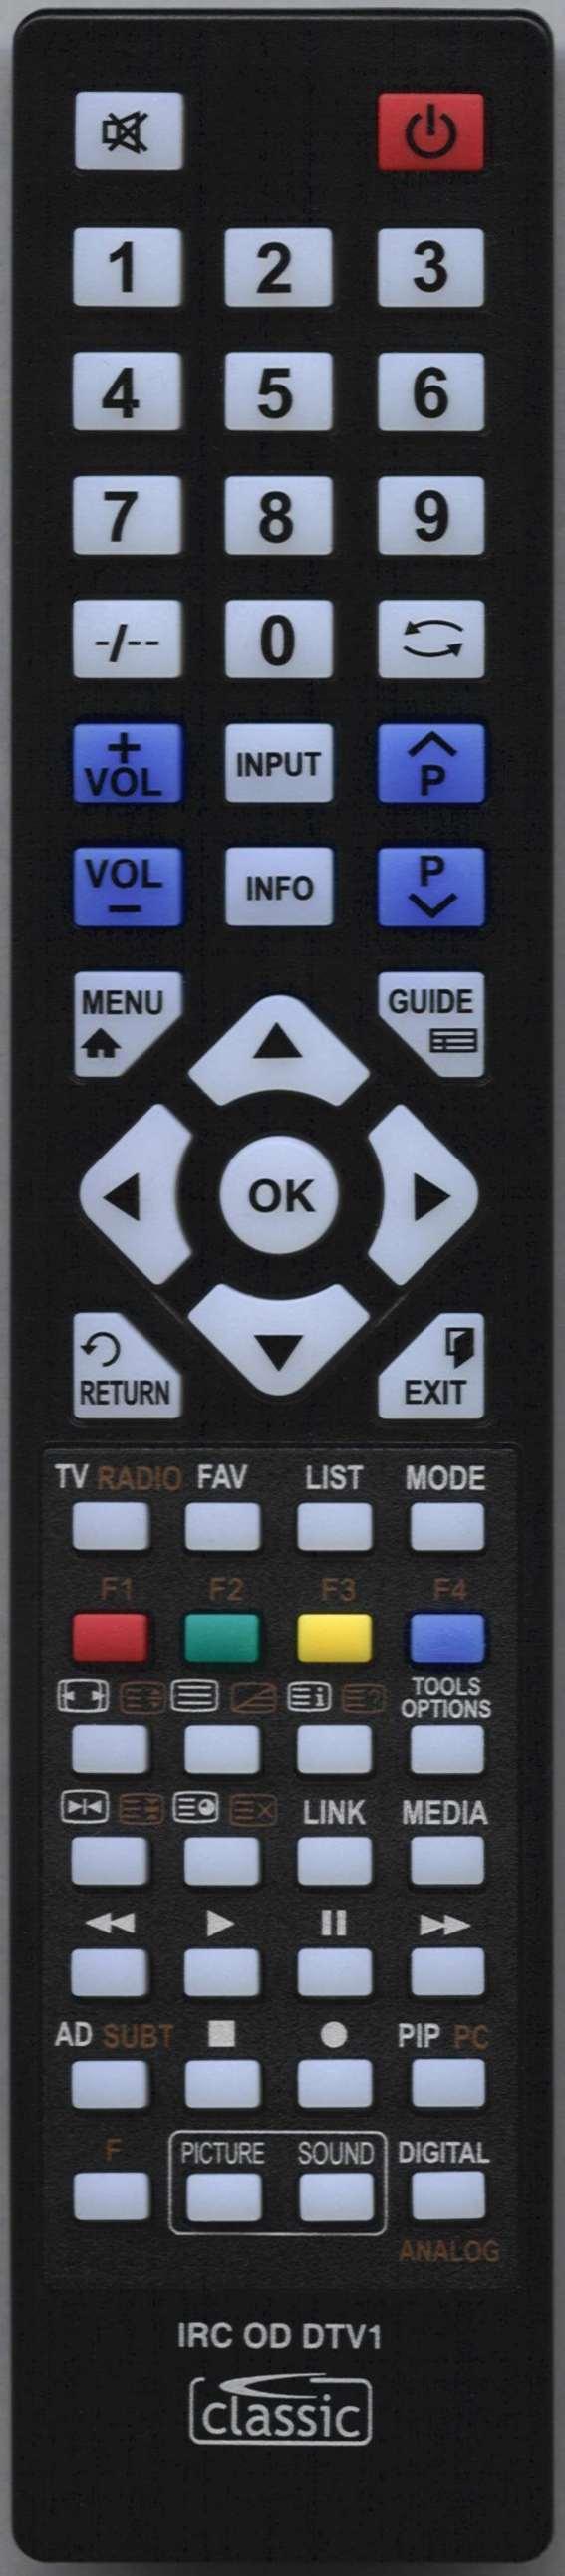 POLAROID P50US2236A Remote Control